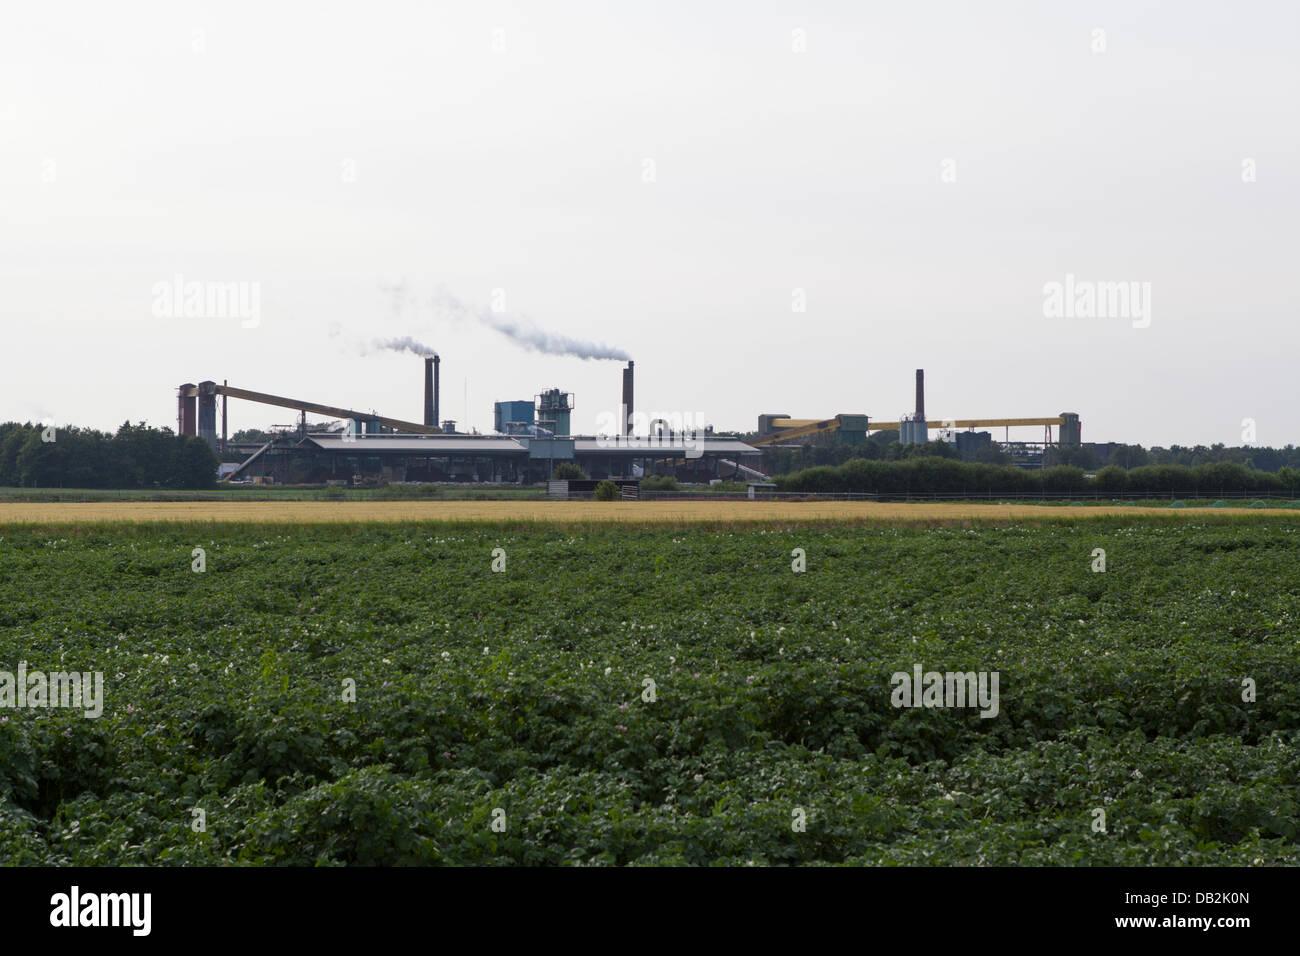 Norit productionplant in Klazienaveen in the Netherlands - Stock Image